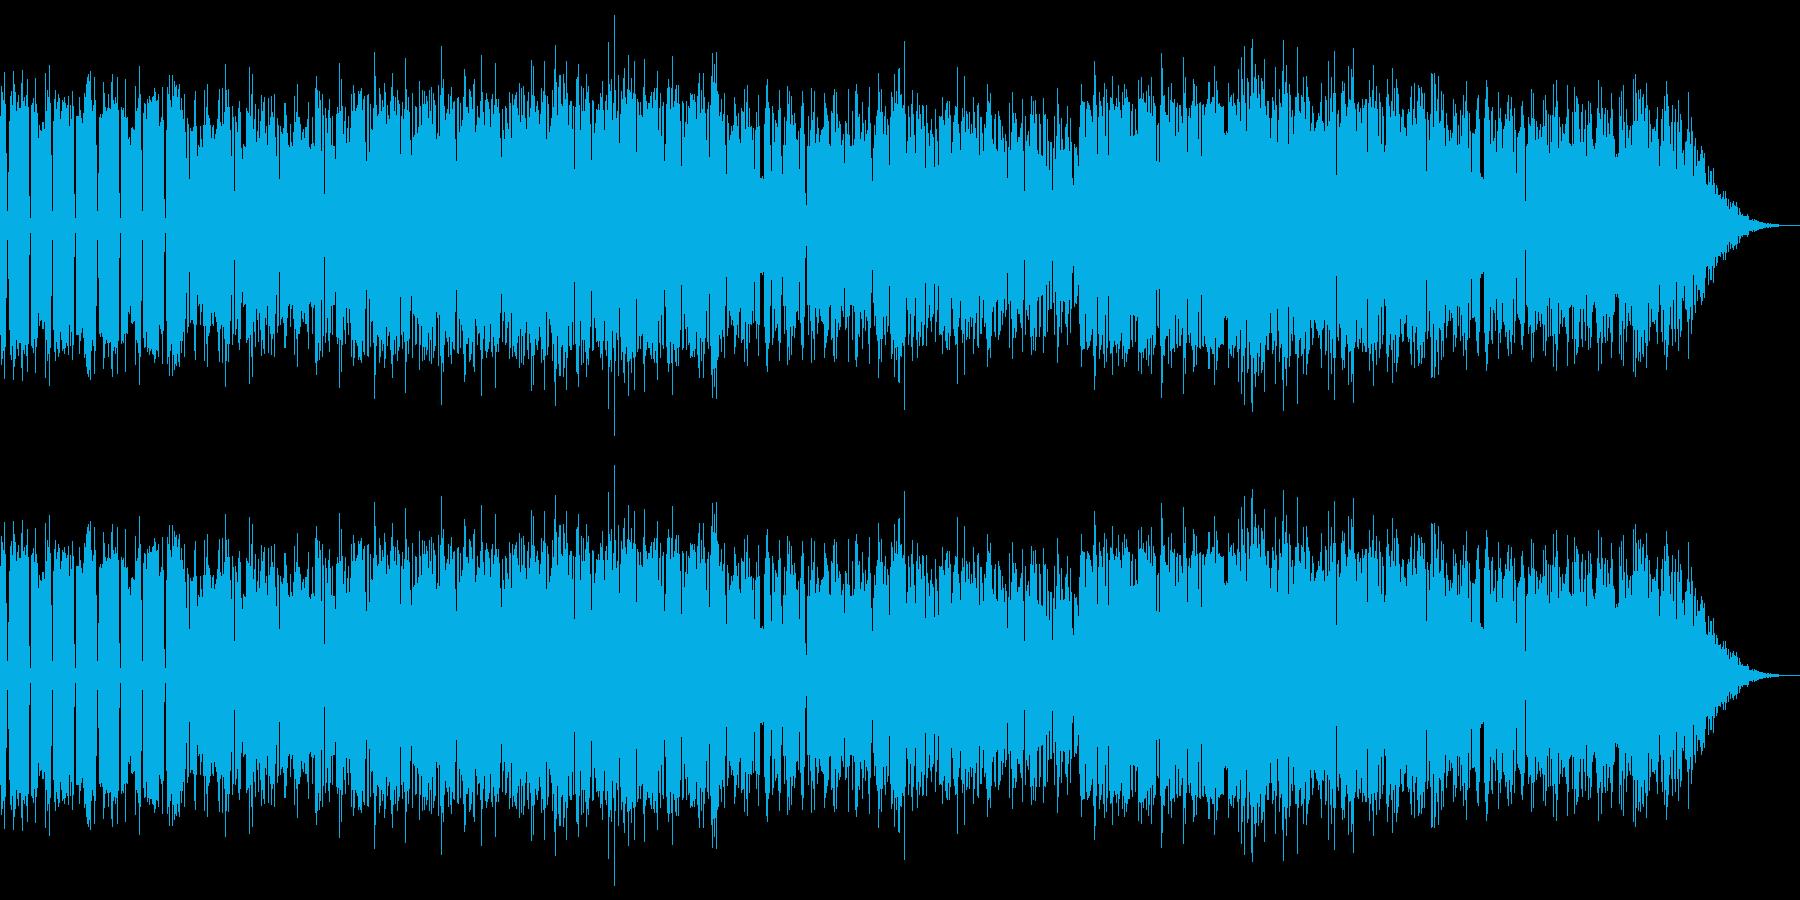 ファミコンシューティング風のBGMの再生済みの波形